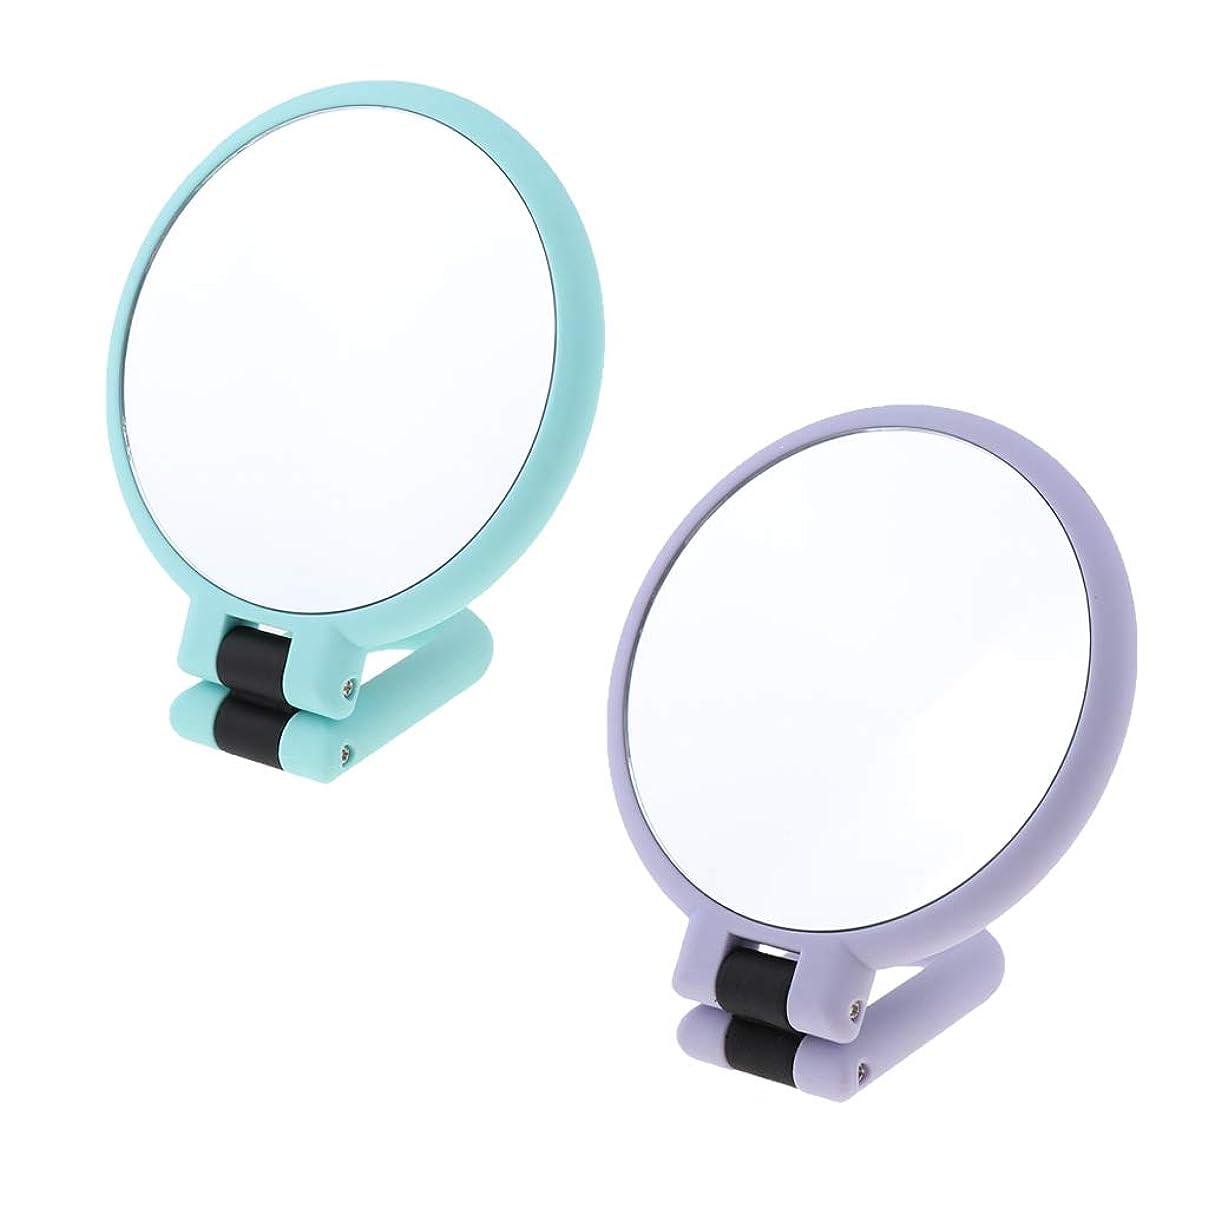 それる逃れる債権者DYNWAVE 化粧鏡 折りたたみ 両面 拡大鏡 卓上鏡 化粧ミラー 15倍拡大 ABS +ガラス 折りたたみ式